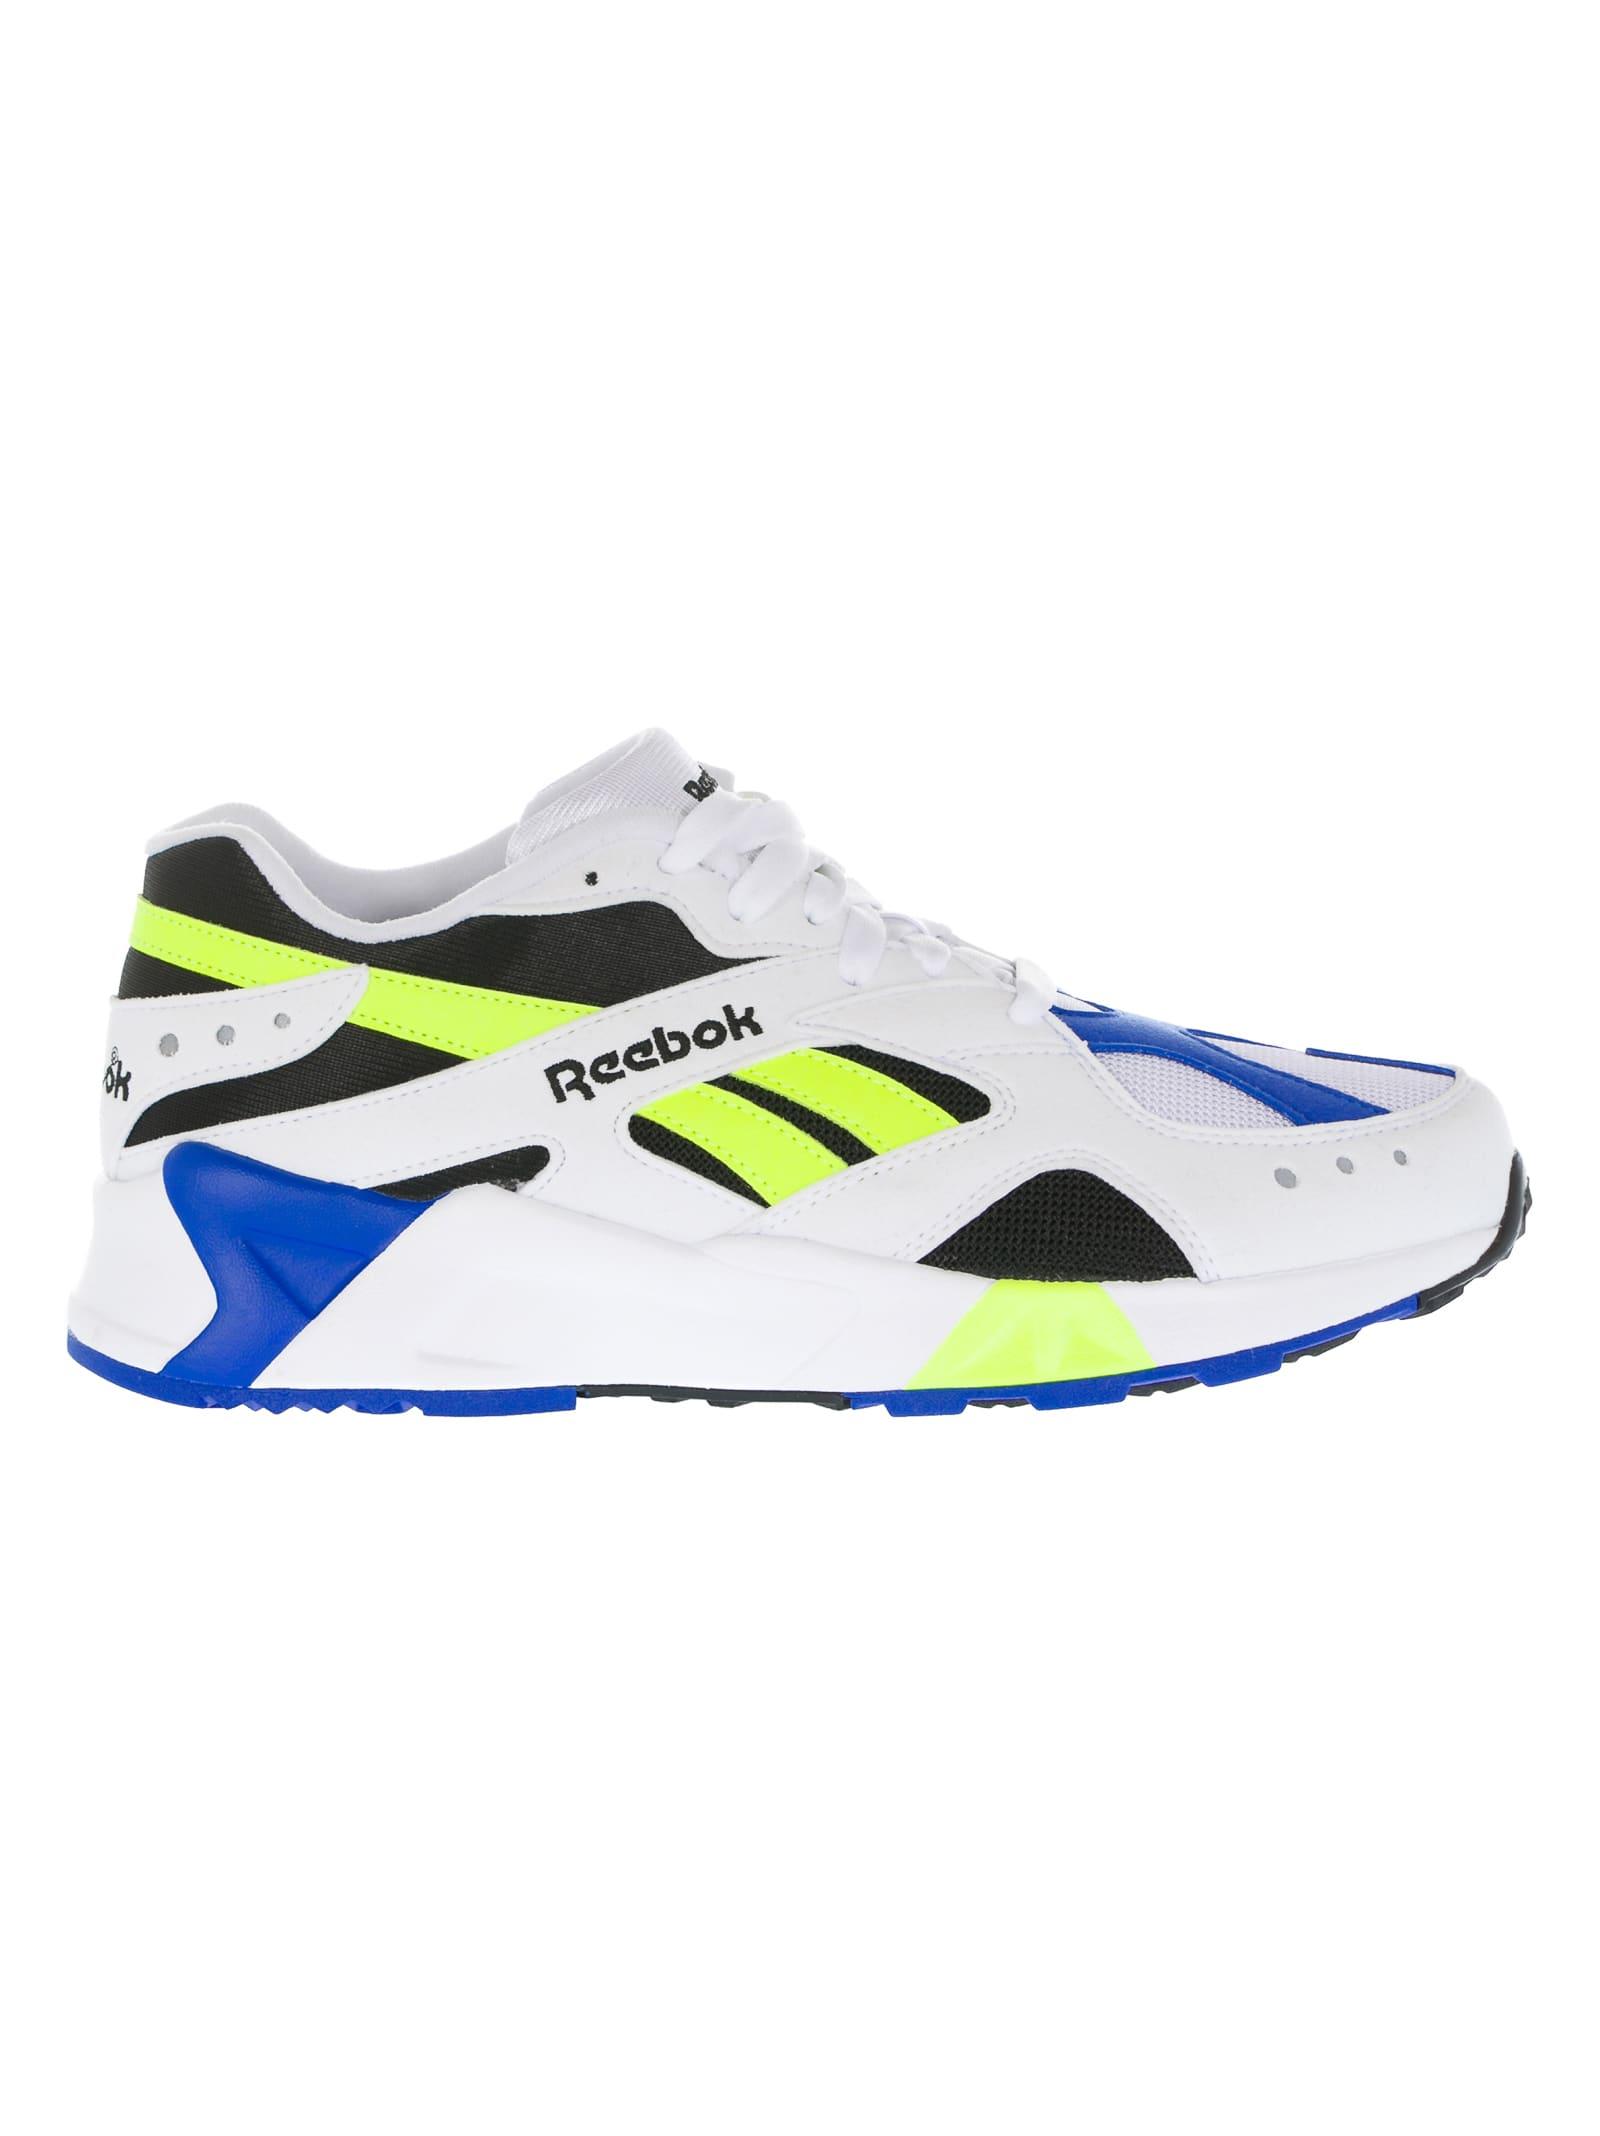 625a6c9c47 Reebok Aztrek Sneakers